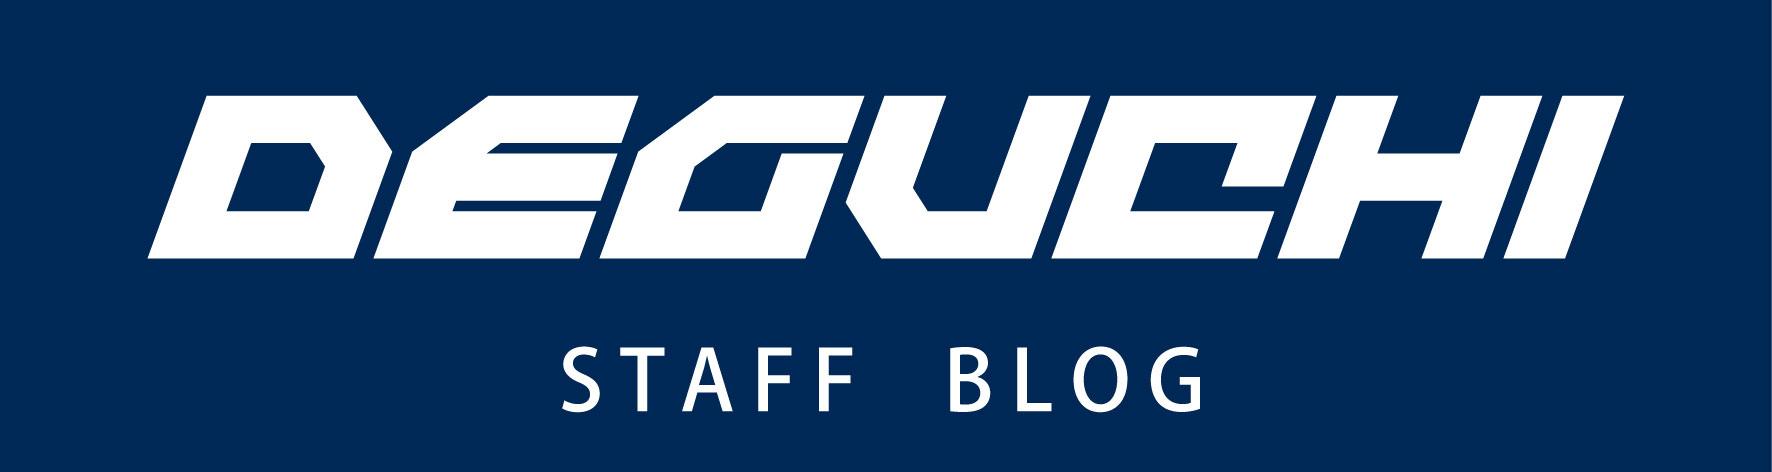 Blog nhân viên công ty